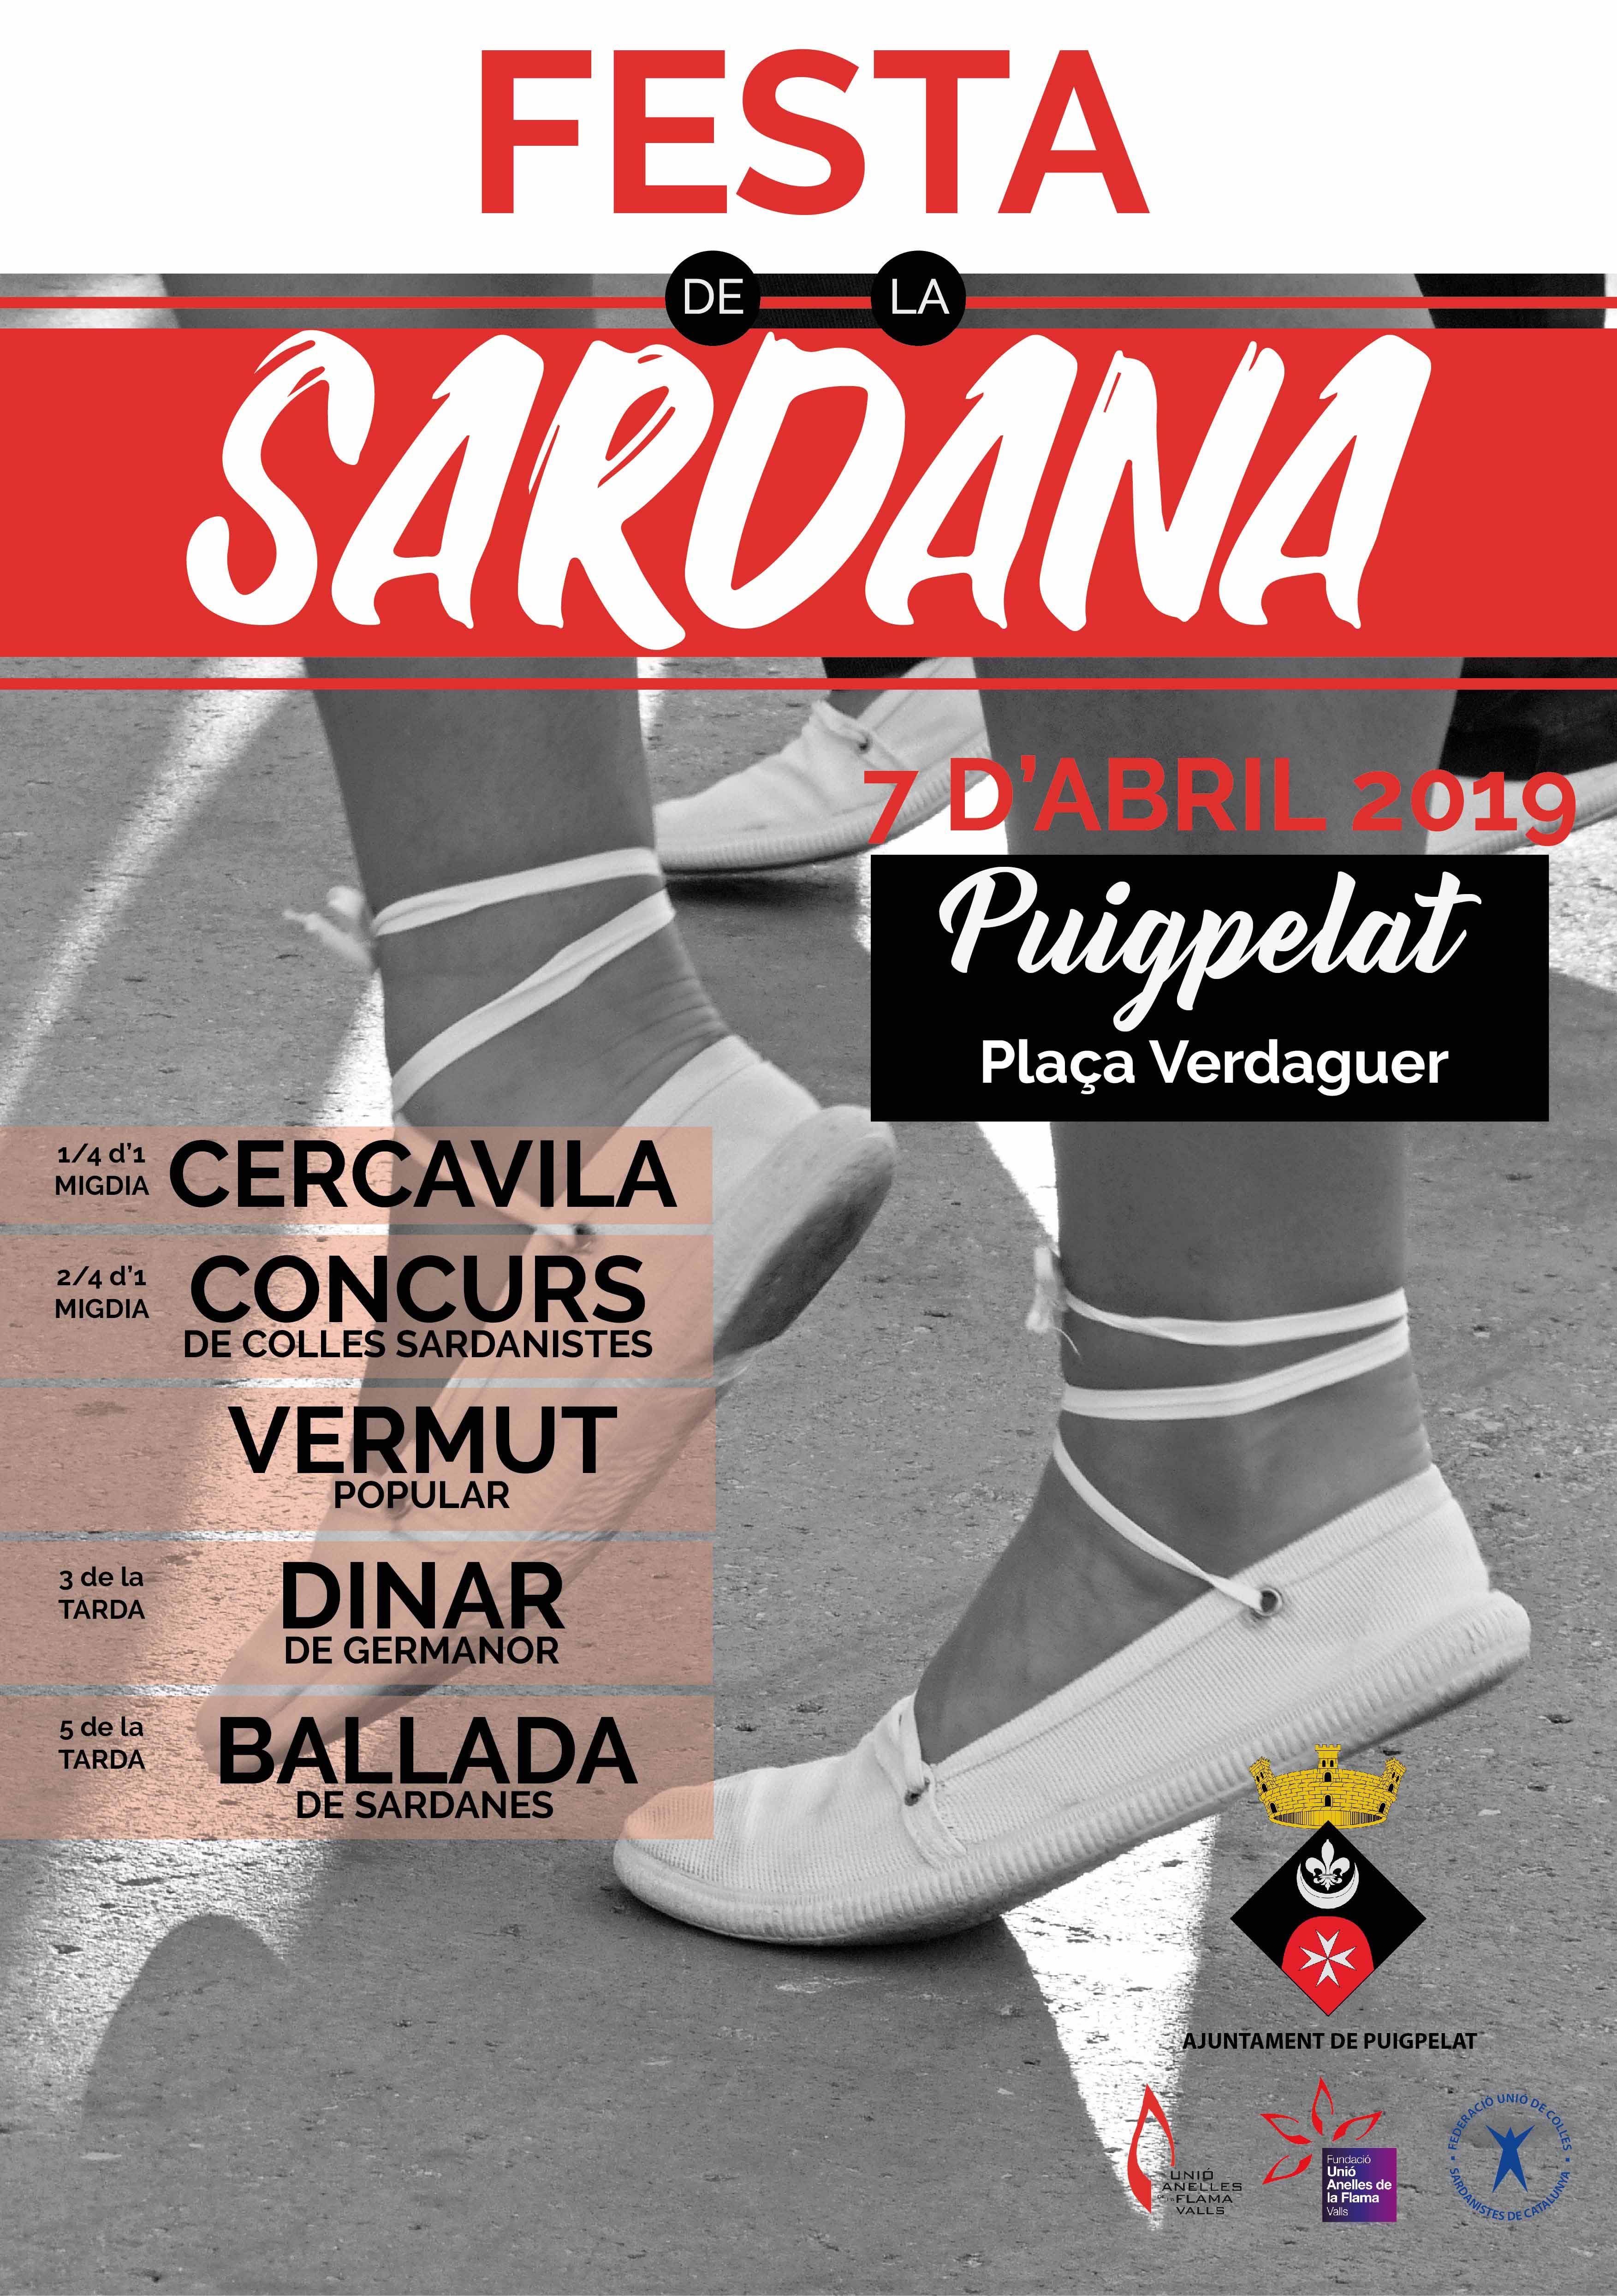 Concurs-Colles-Sardanistes-Puigpelat-2019-UAF-1